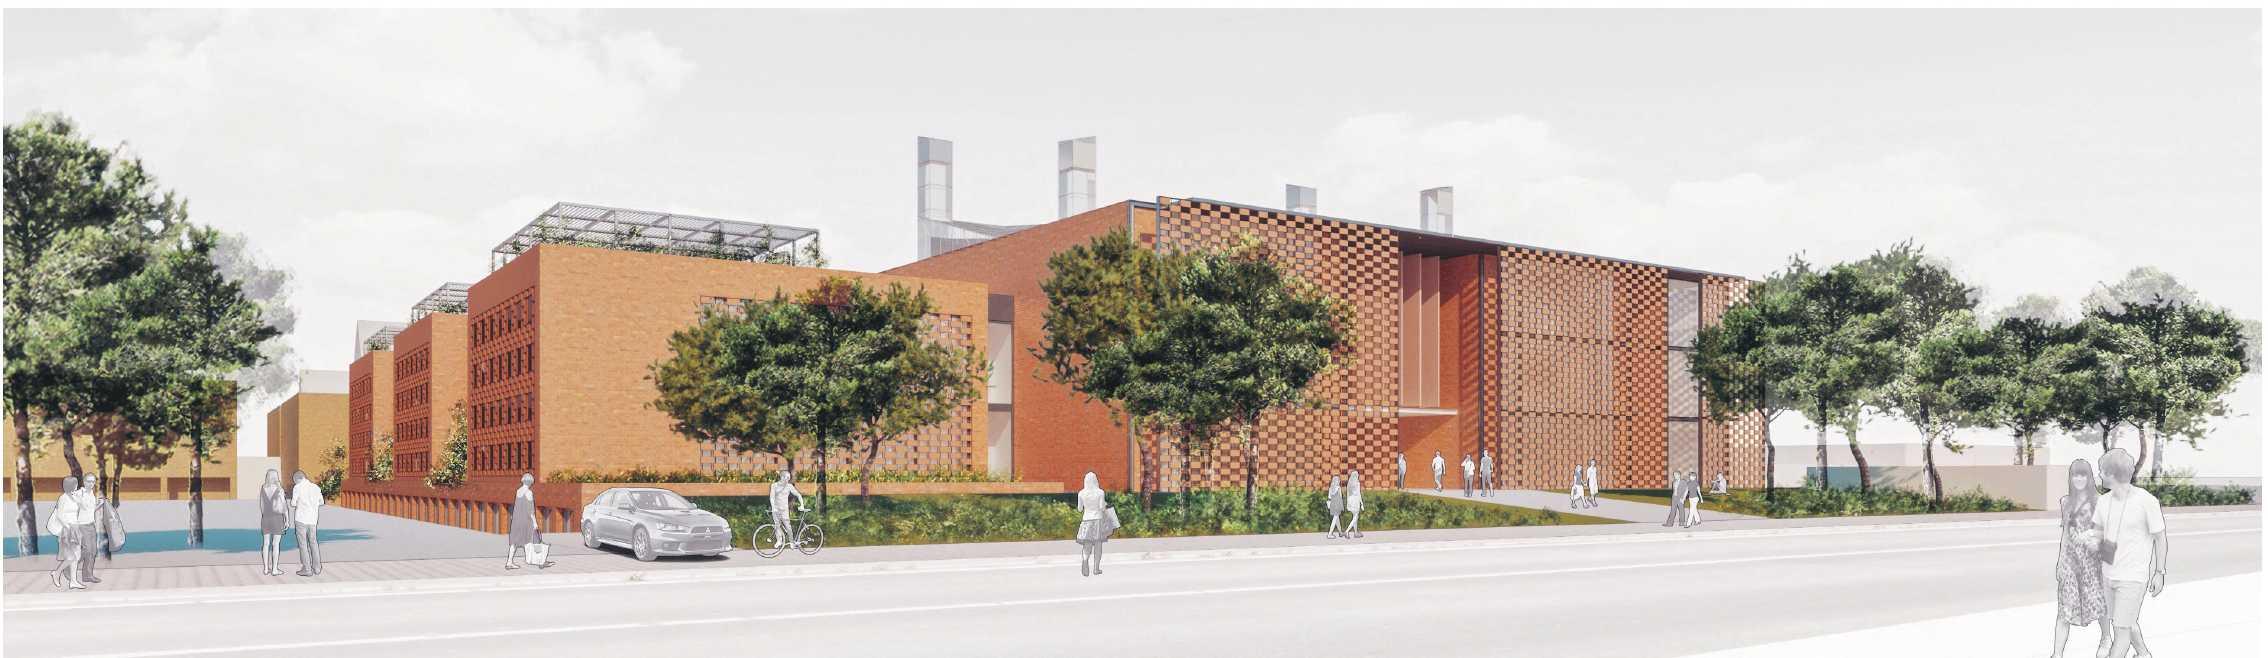 La Conselleria de Hacienda comienza el proceso para construir un nuevo edificio administrativo en la Avenida Campanar de València